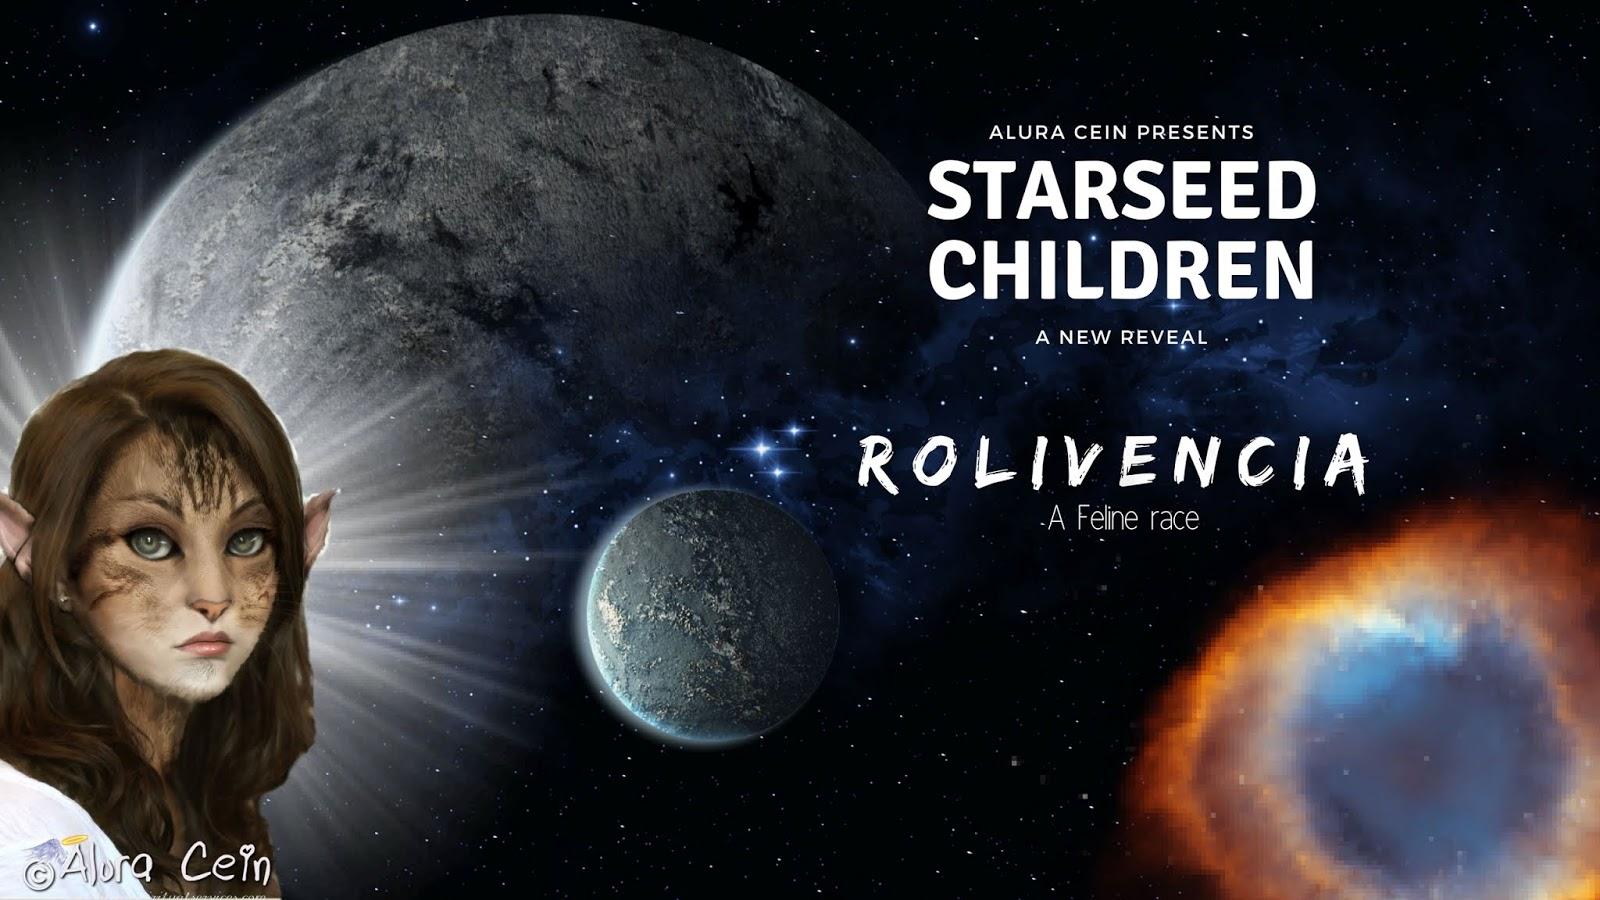 Starseed Children Rolivencian Starseeds 1600x900